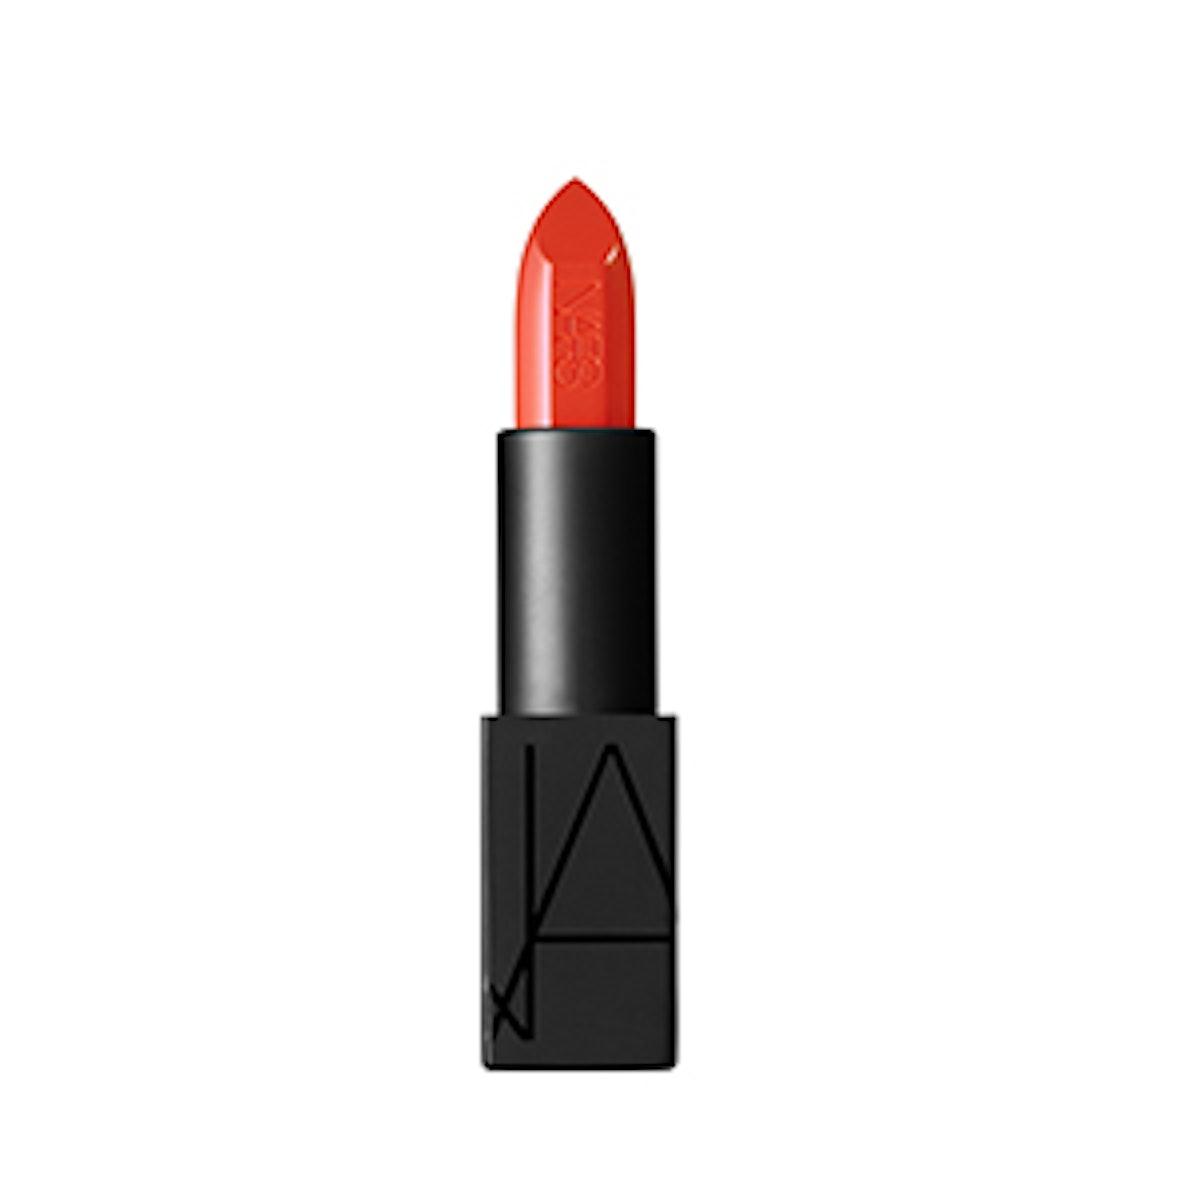 Audacious Lipstick In Geraldine